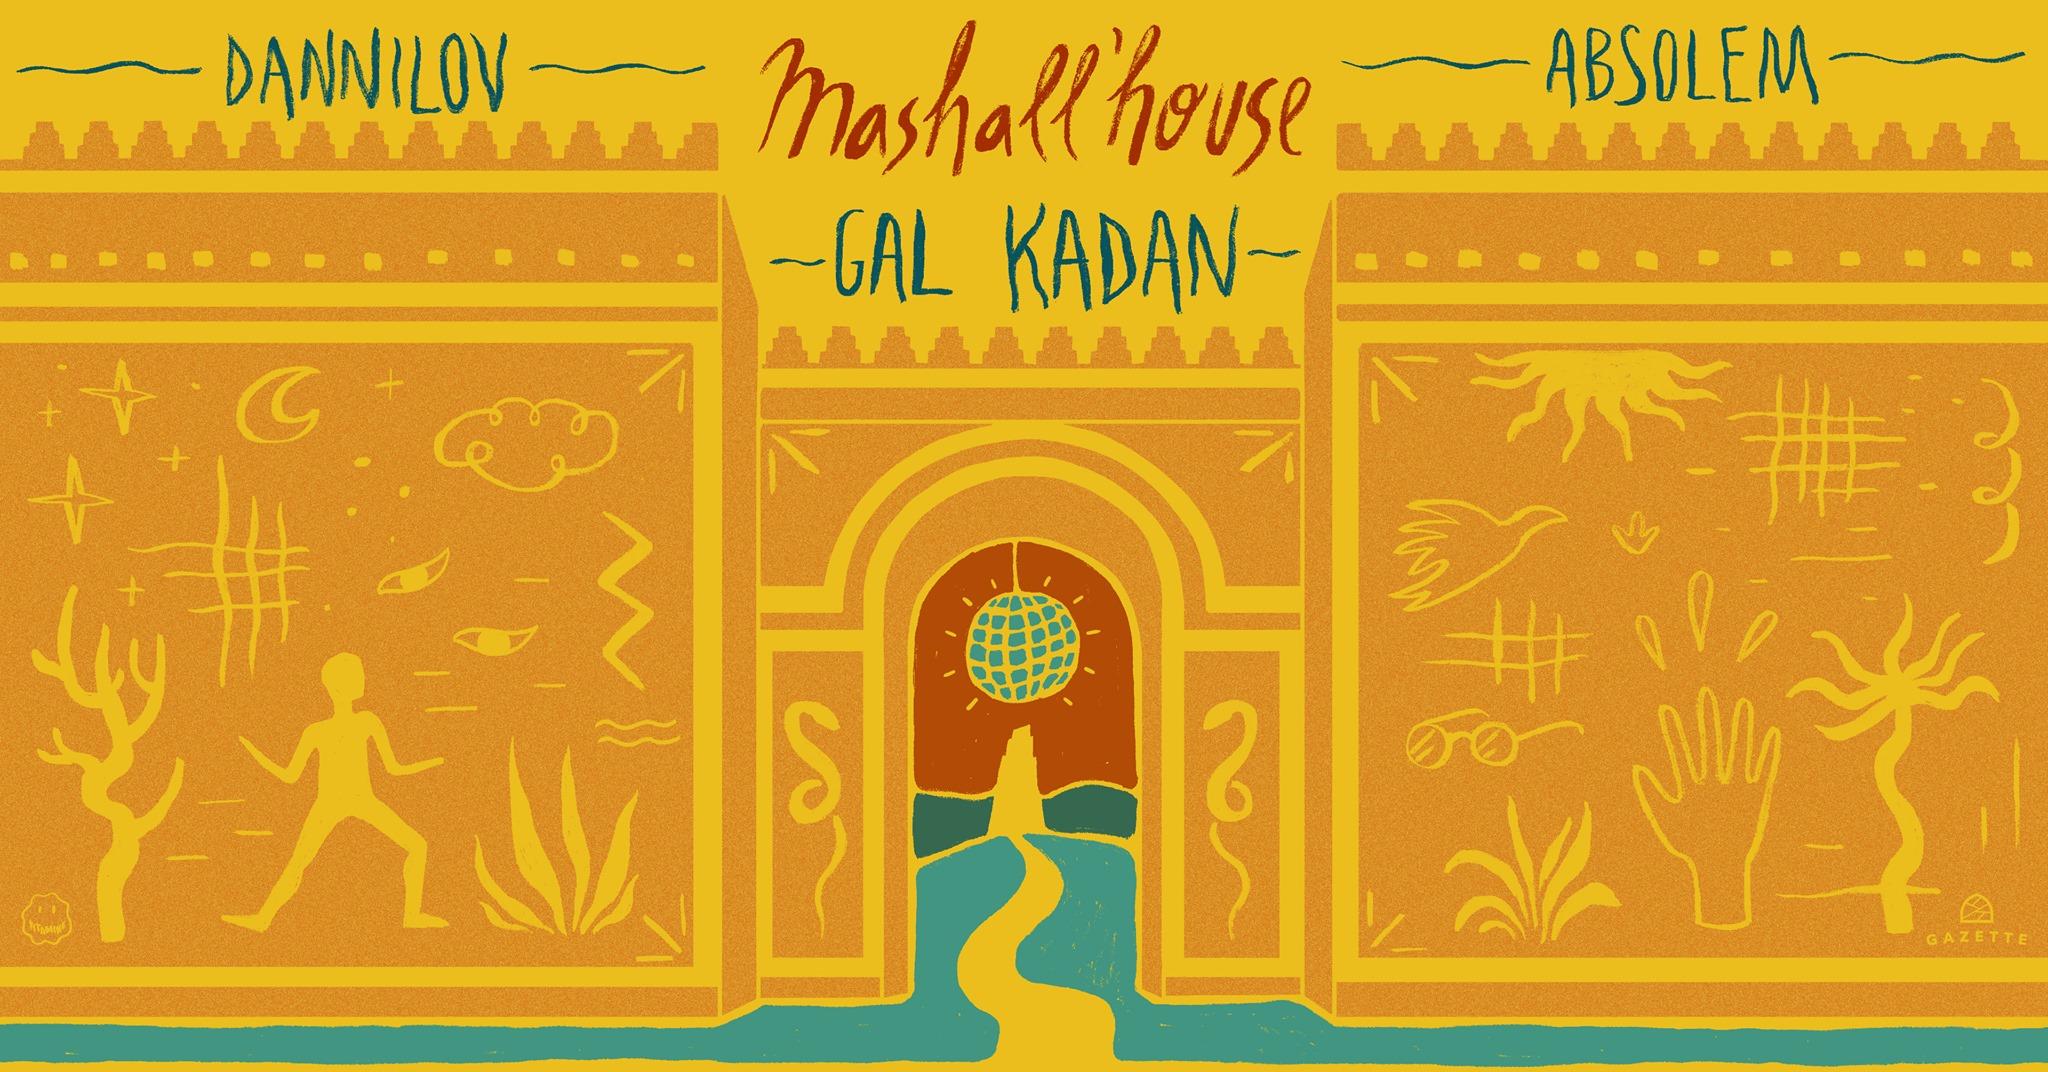 Mashall'House #2 w/ Gal Kadan, Dannilov & Absolem